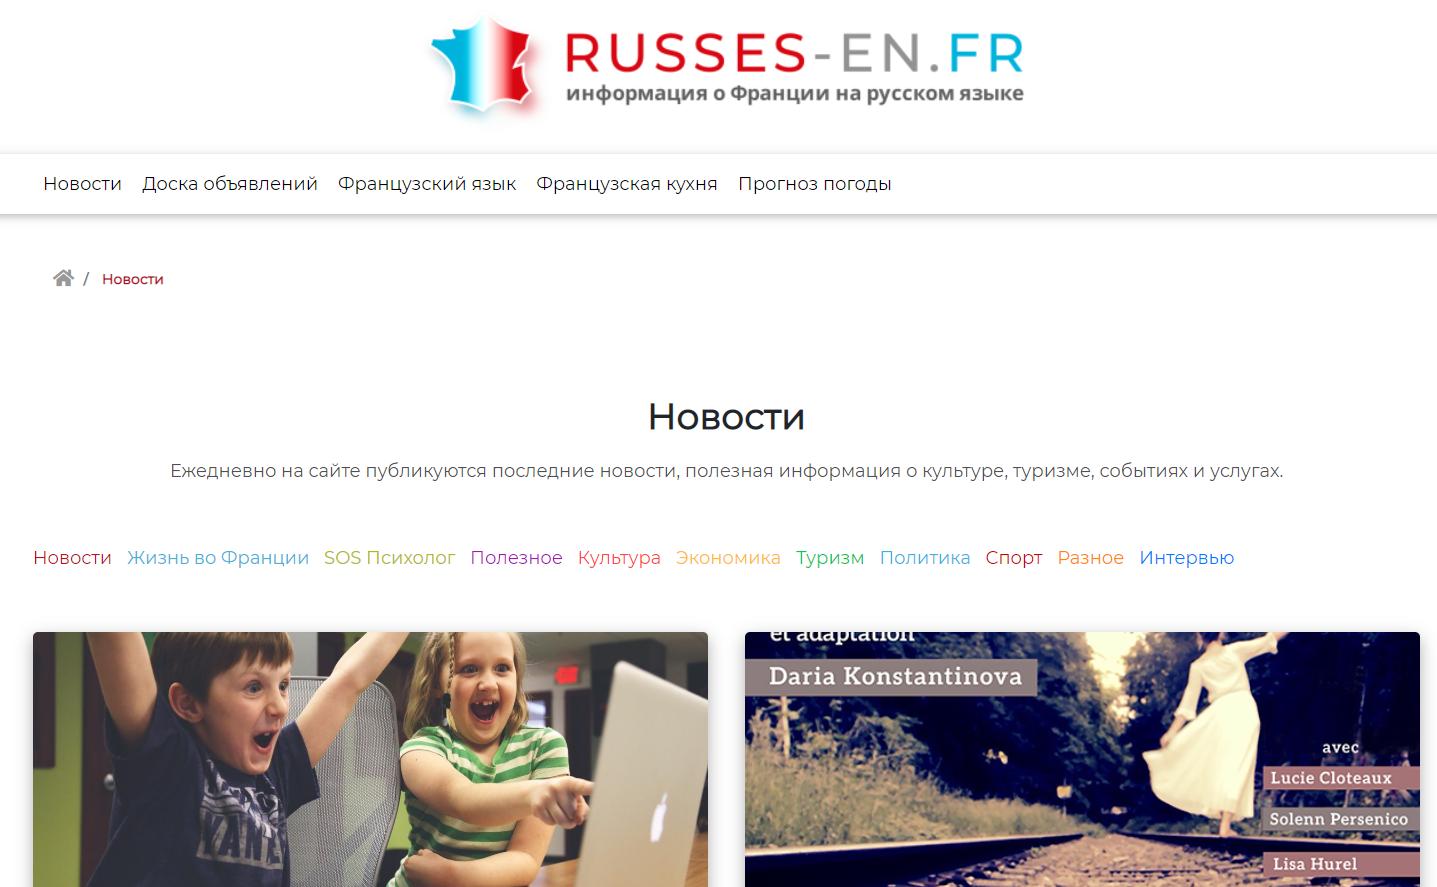 russes-en.fr